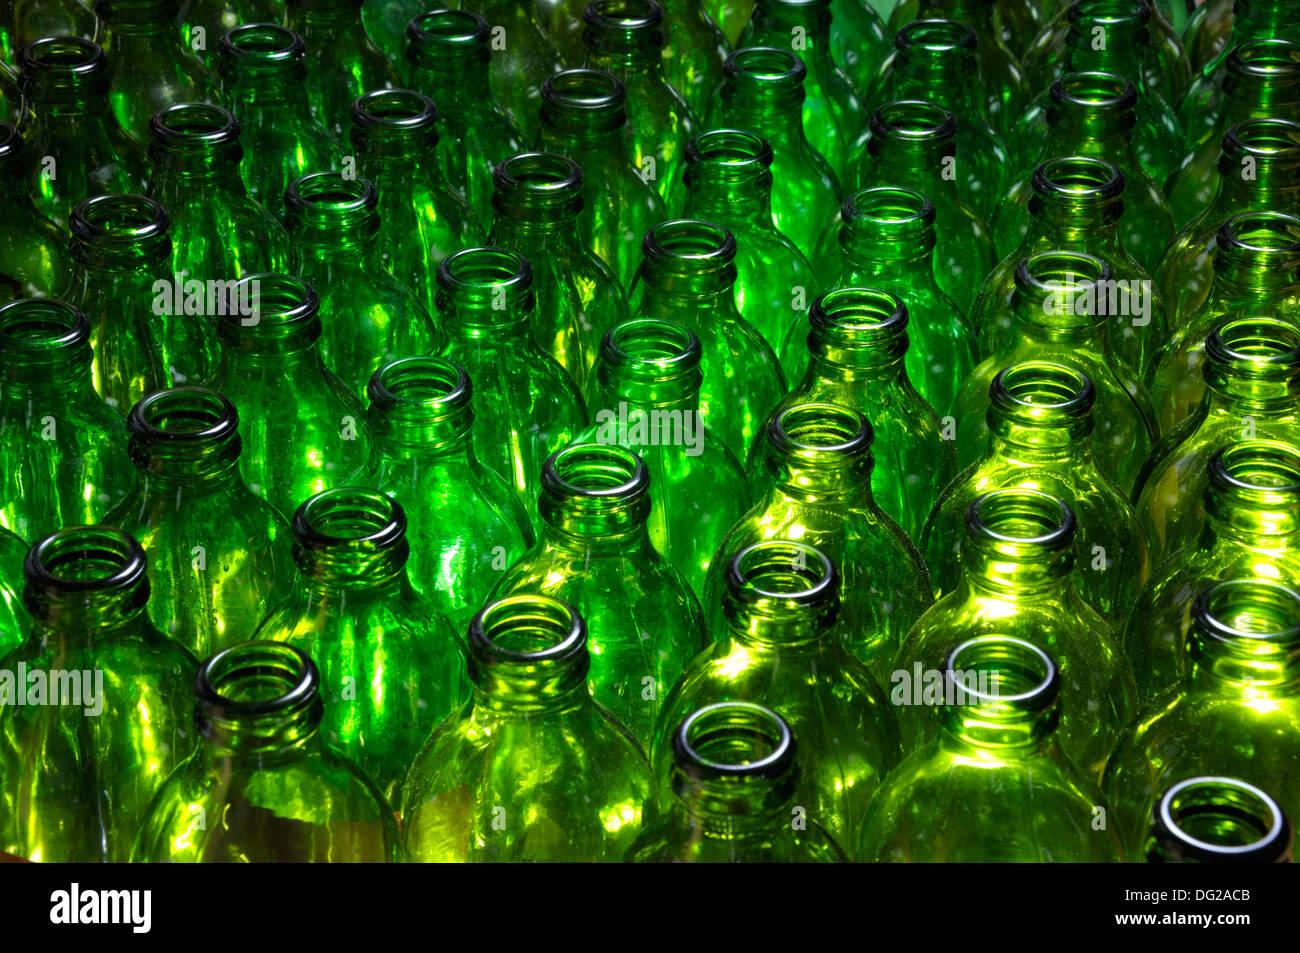 Botellas vacías de cerveza verde Imagen De Stock